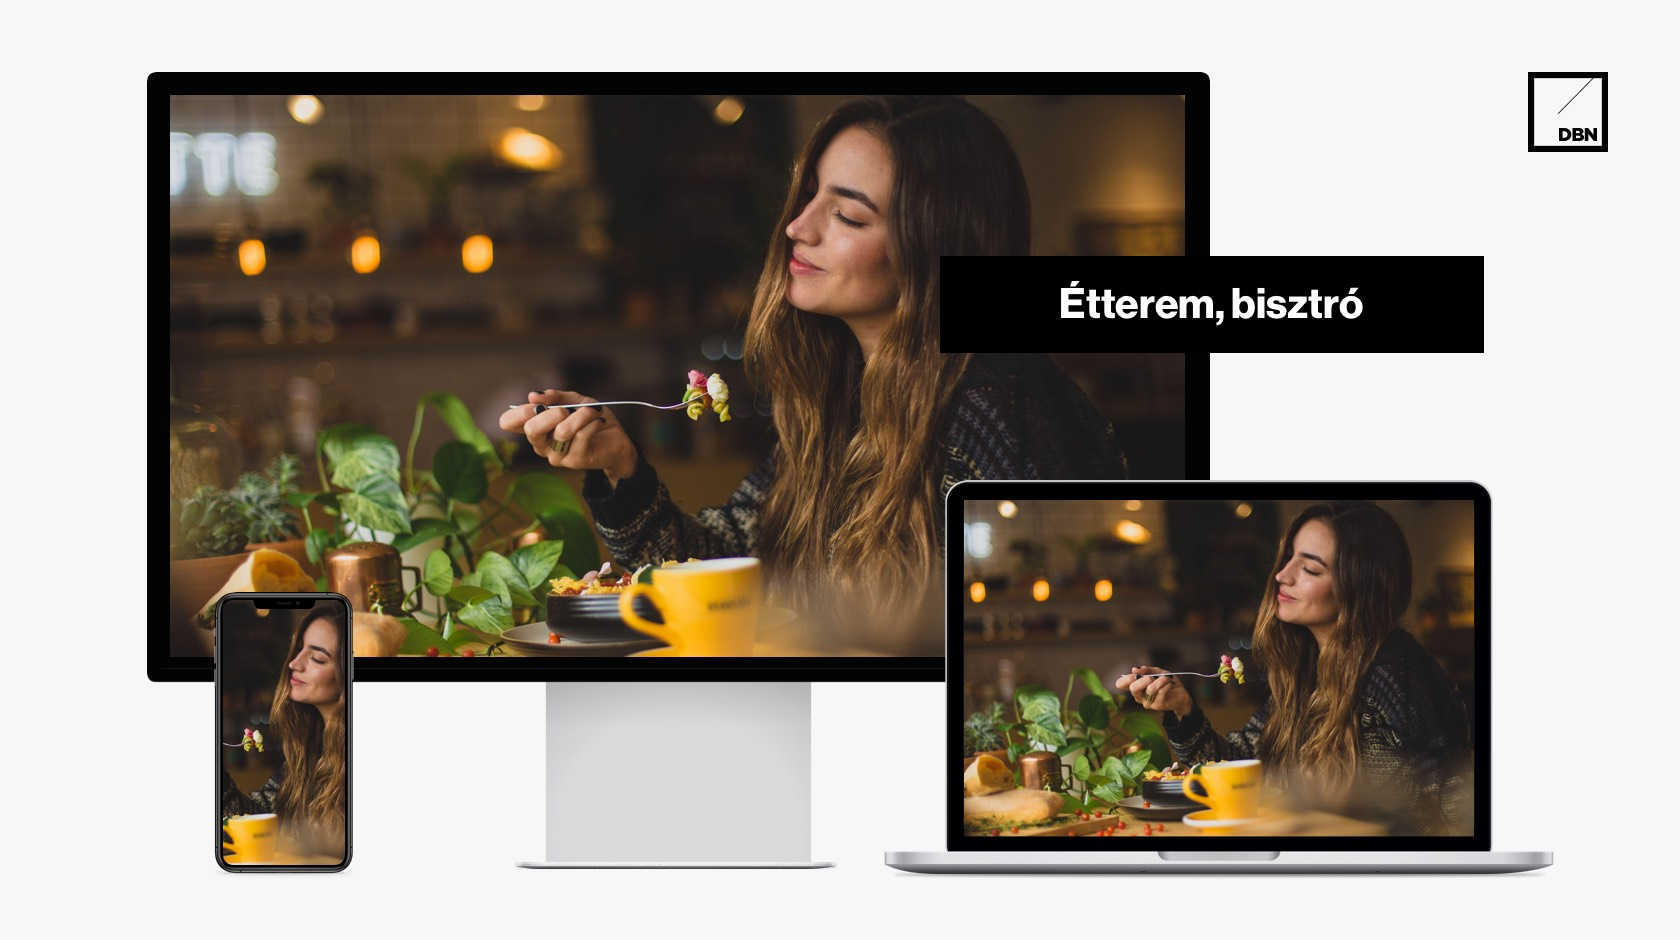 Étterem, bisztró, catering SEO keresőoptimalizálás